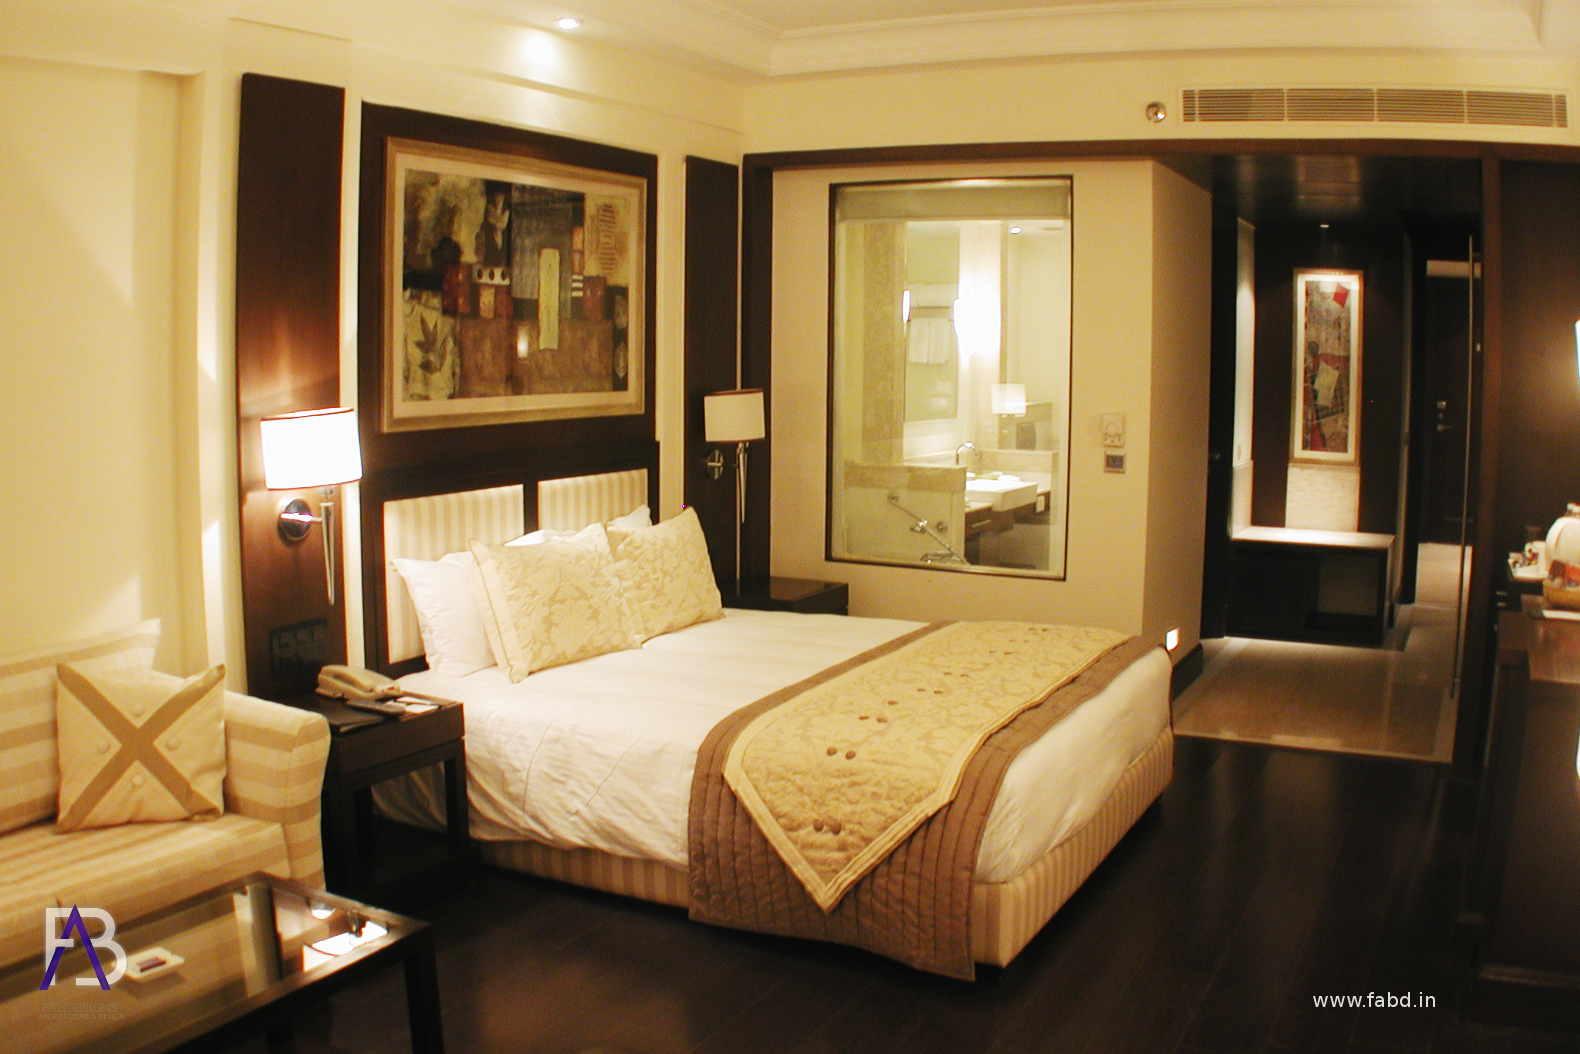 Bedroom Interior View 05